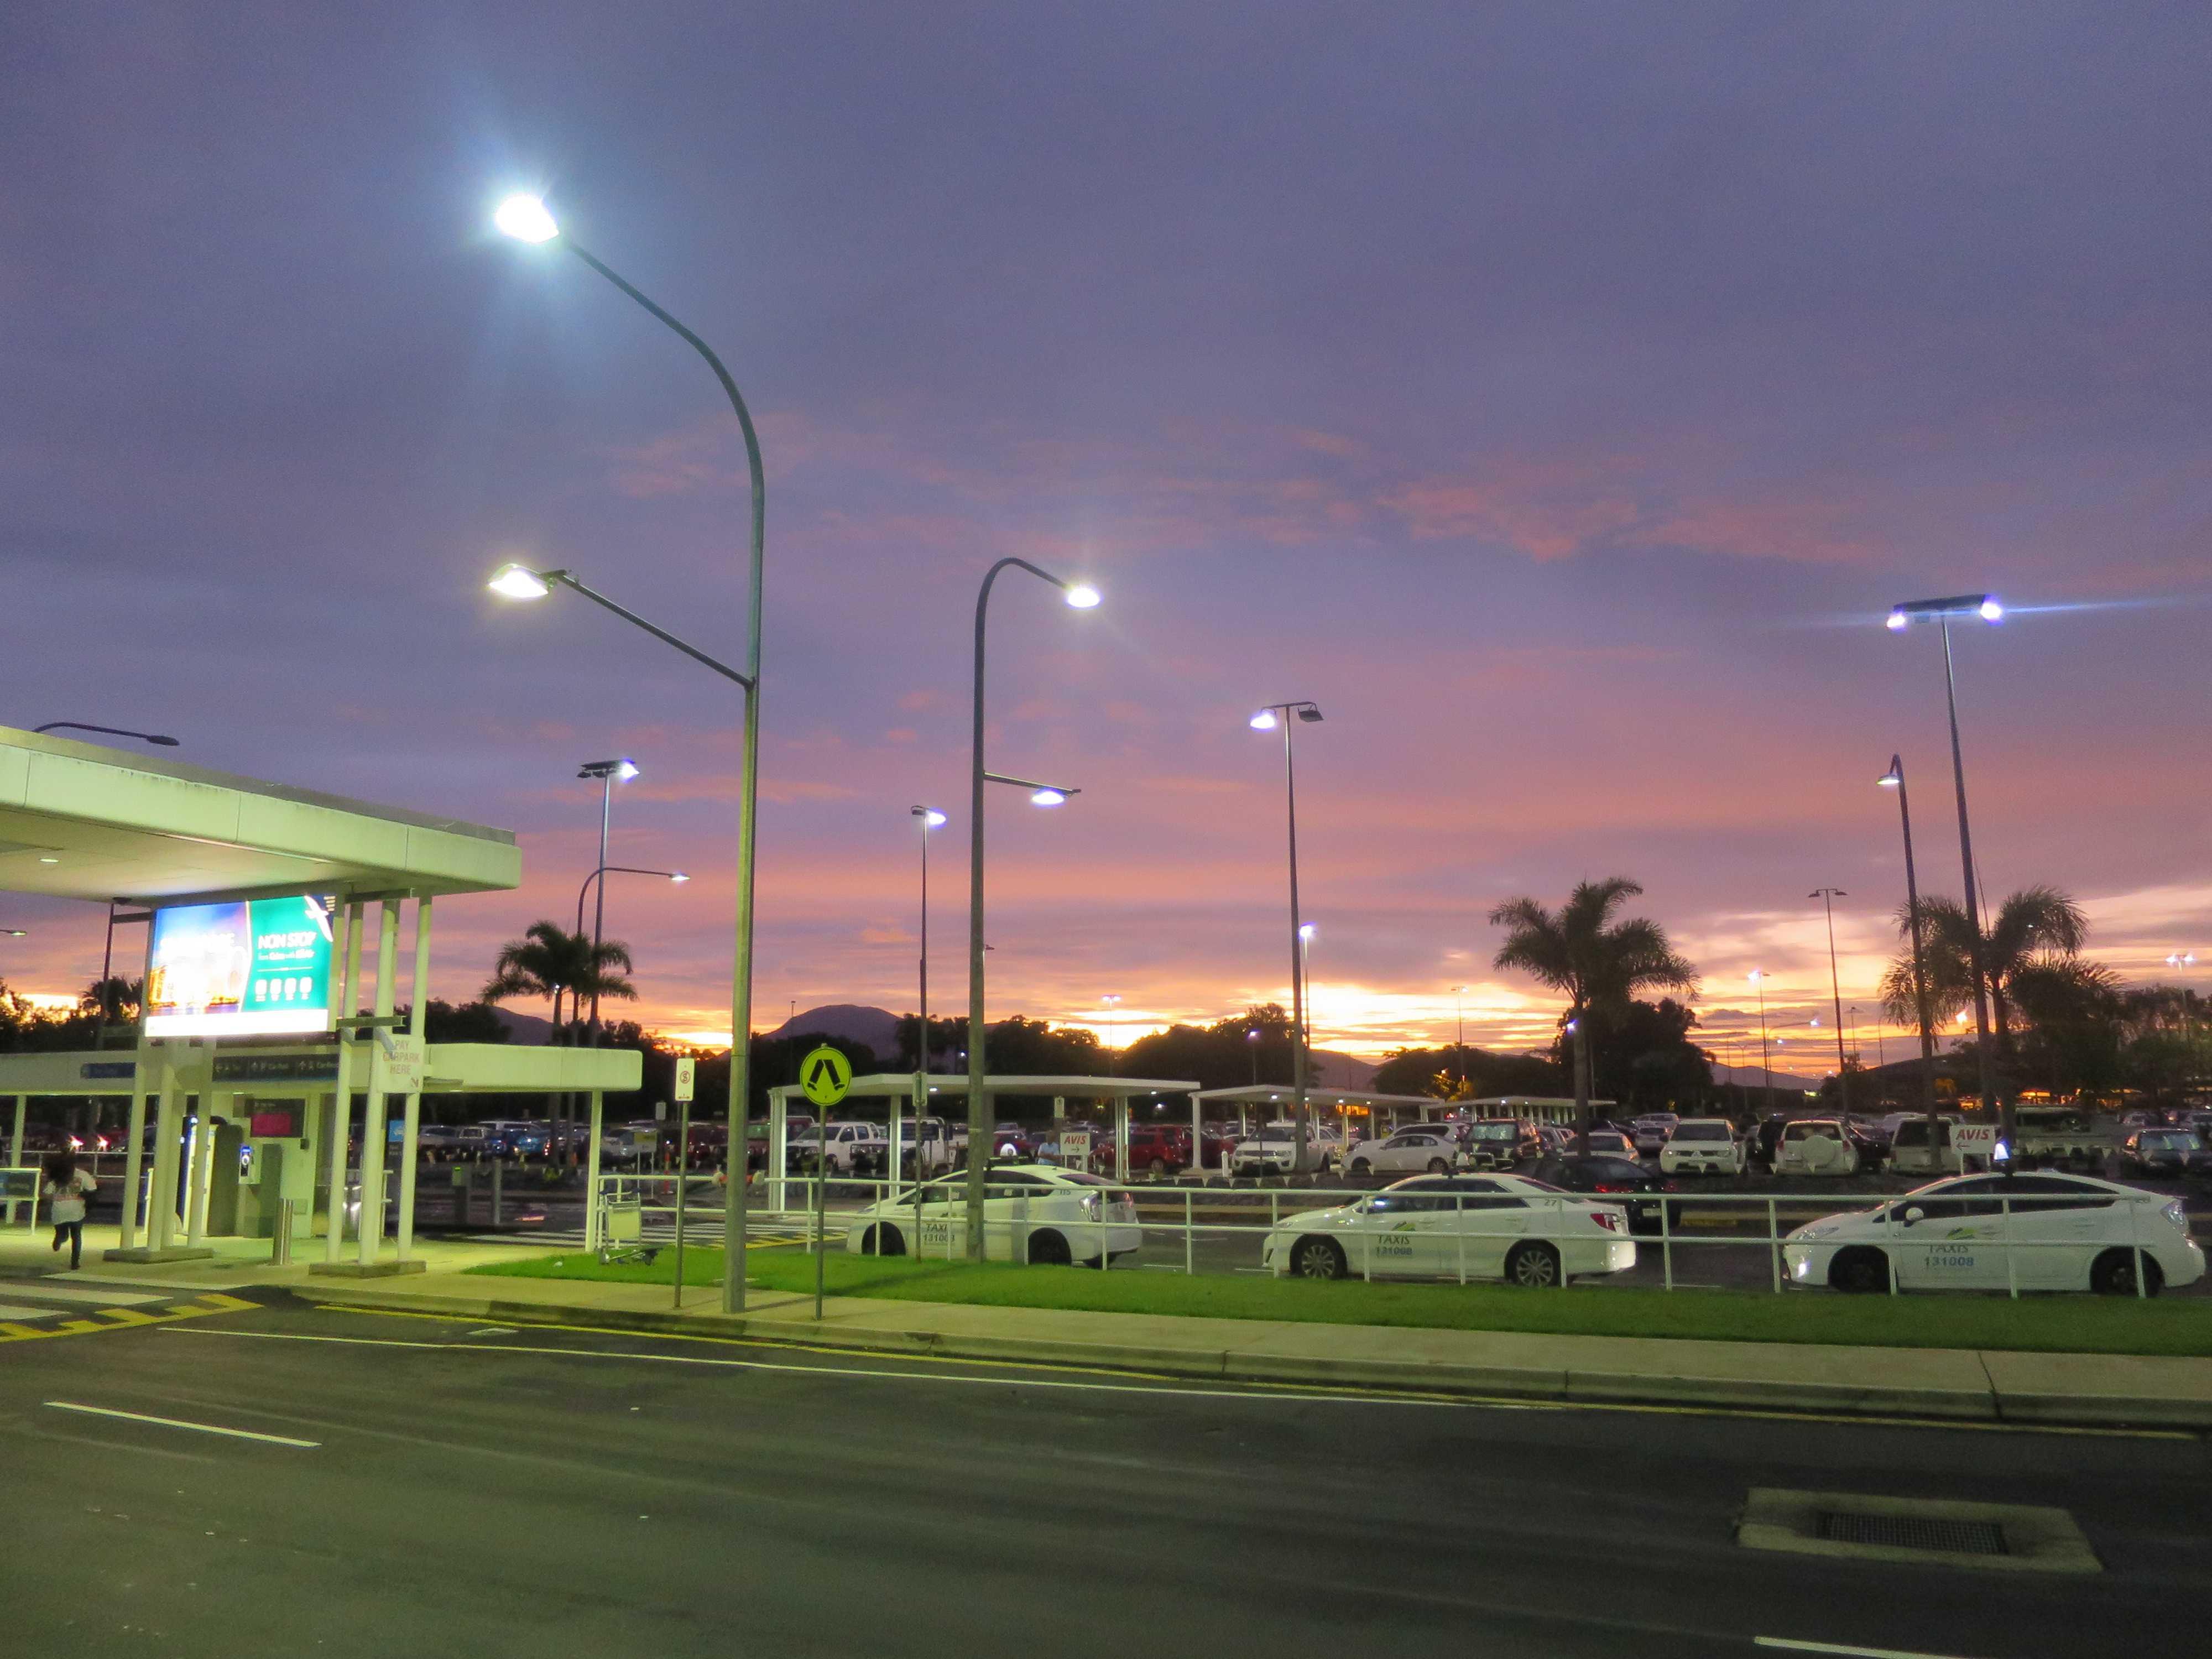 オーストラリア・ケアンズ国際空港